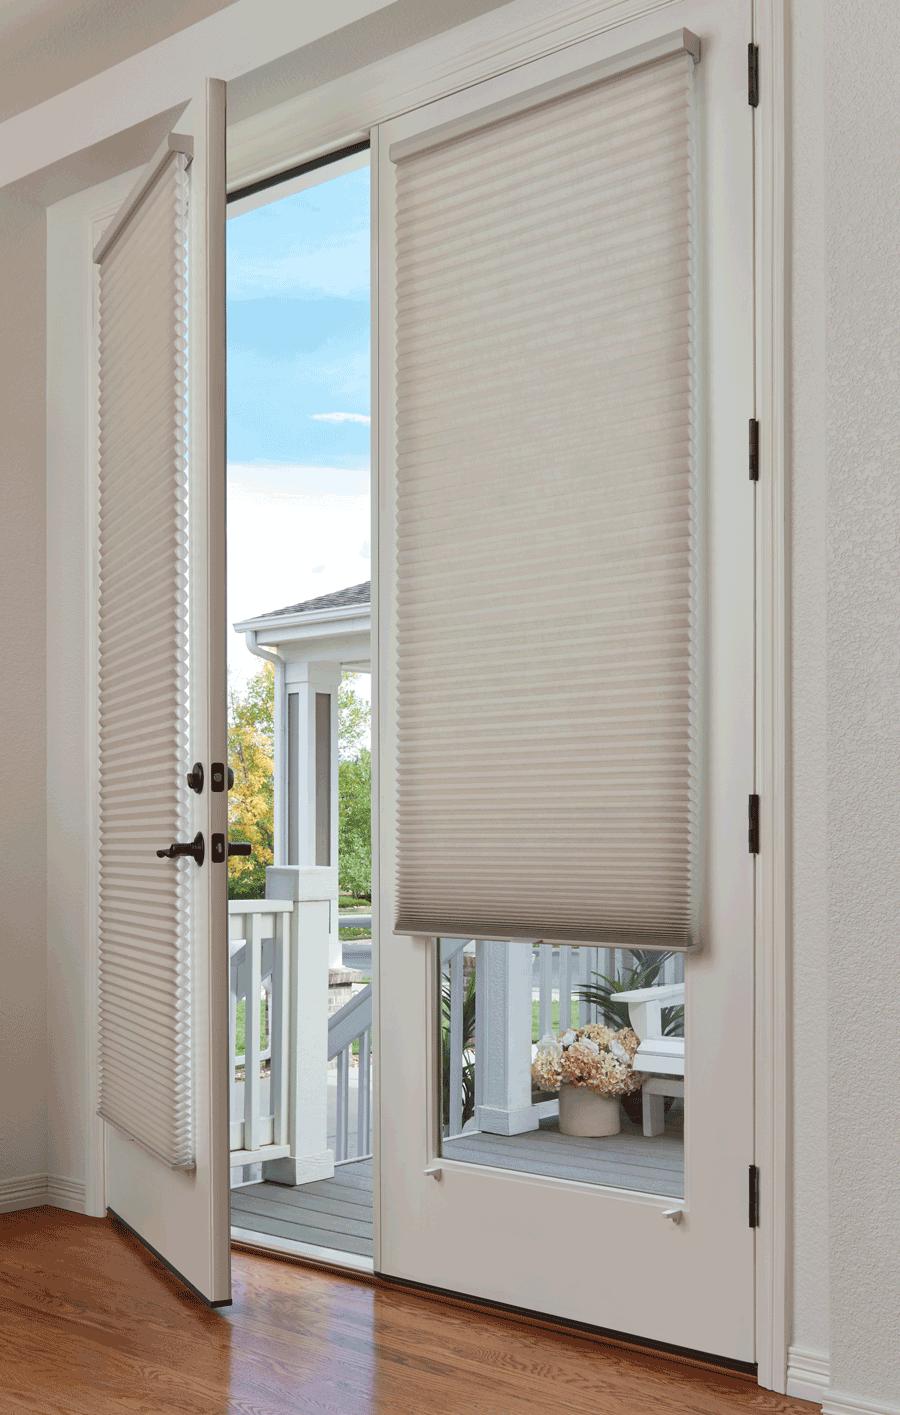 The Best Glass Door Window Treatments